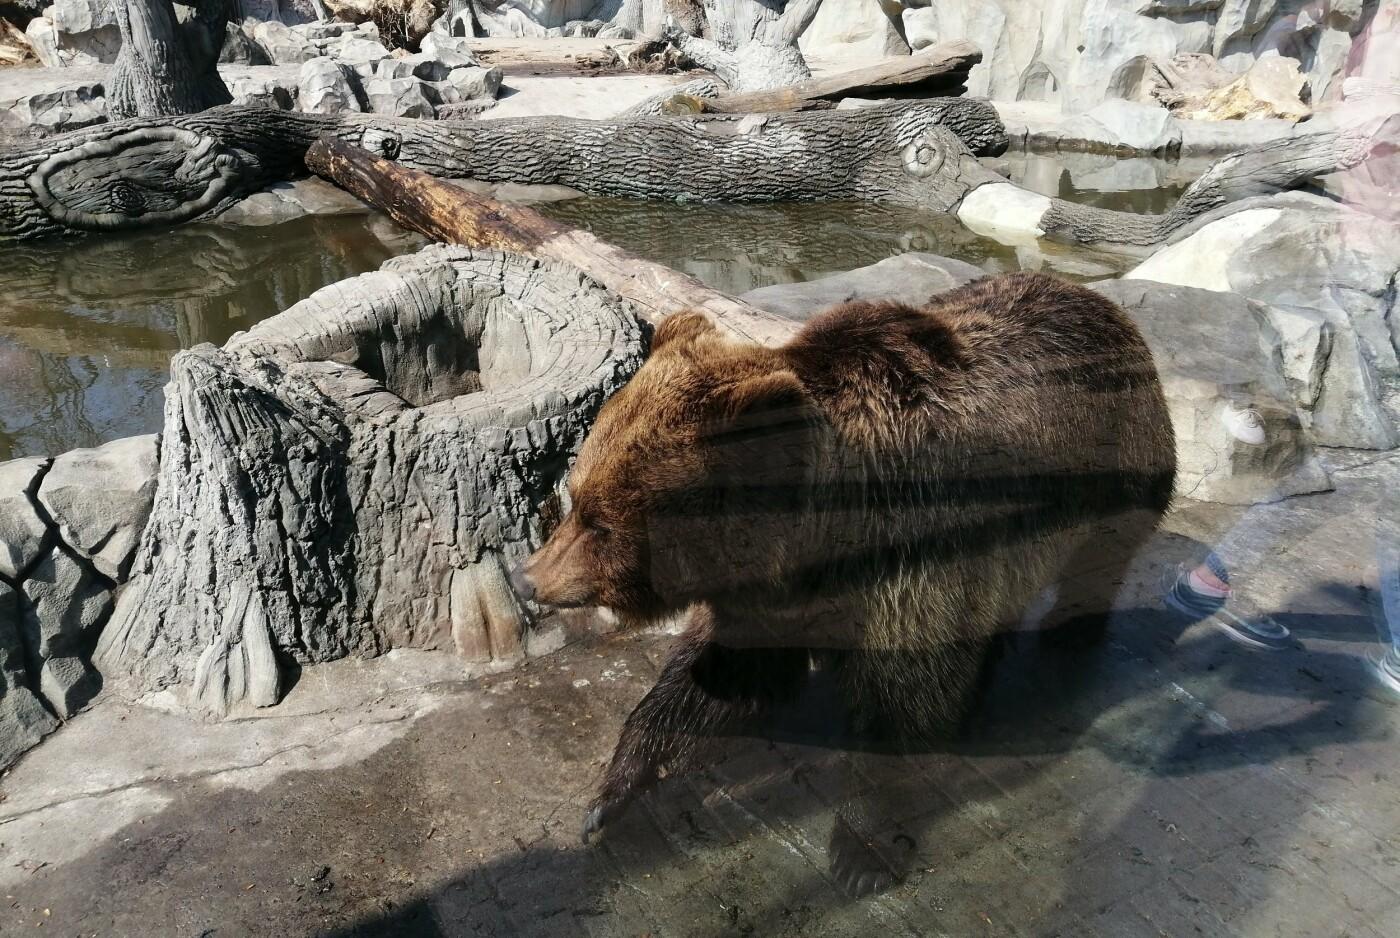 Киевский зоопарк: почему стоит посетить и как до него добраться, Фото:  Максим Погореленко